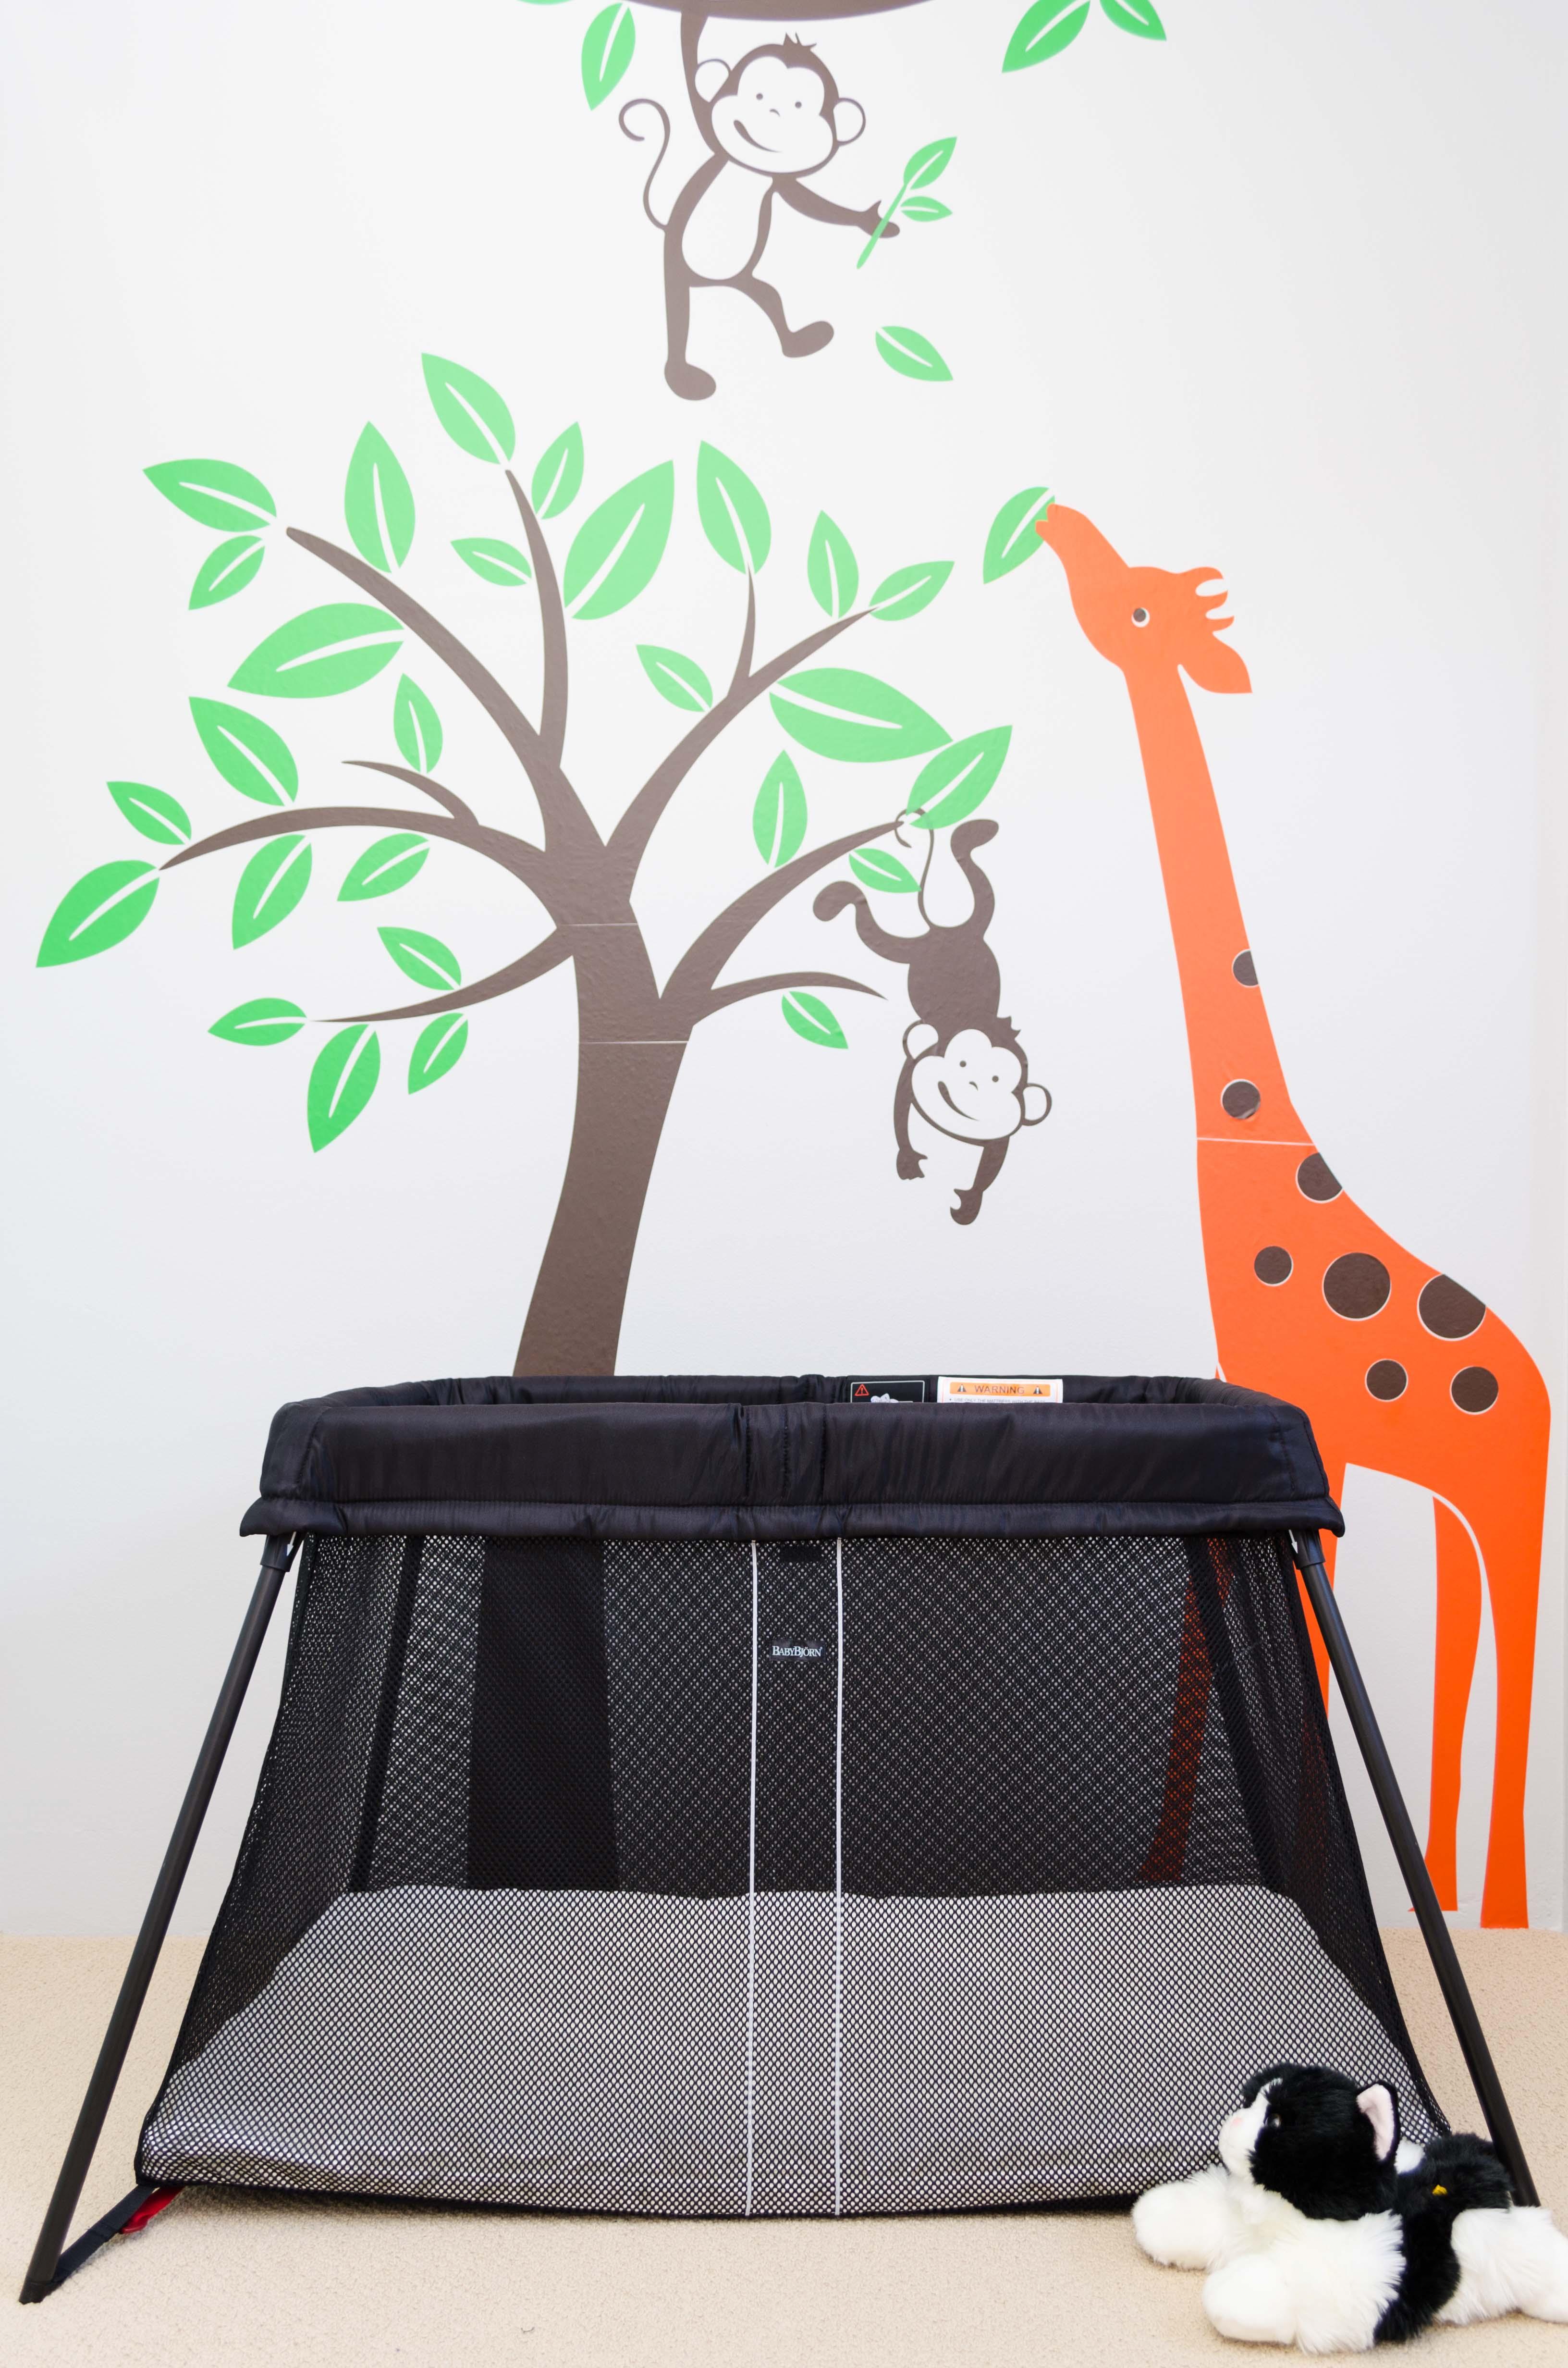 babybjorn travel cot light first impressions blog of dad. Black Bedroom Furniture Sets. Home Design Ideas